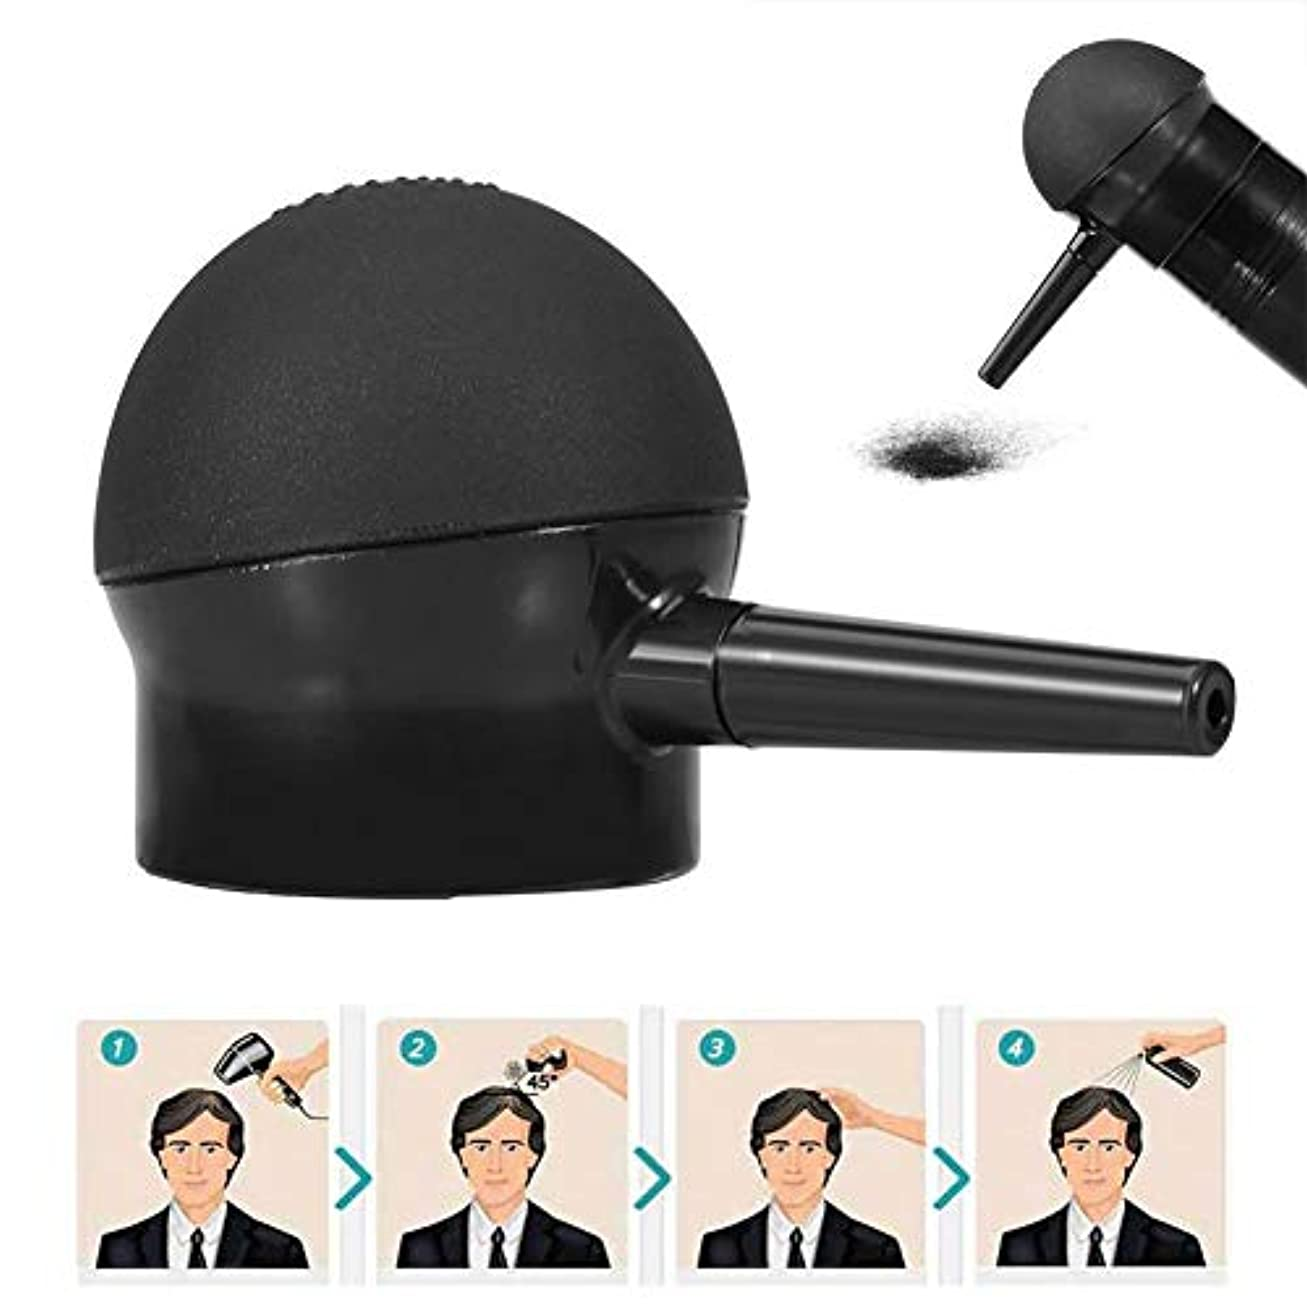 肌寒いコンピューターを使用するむしろヘアー 噴霧器、スプレー、アプリケーションヘア、ビルディング、ファイバー用ノズル、ヘア シックニング ツール